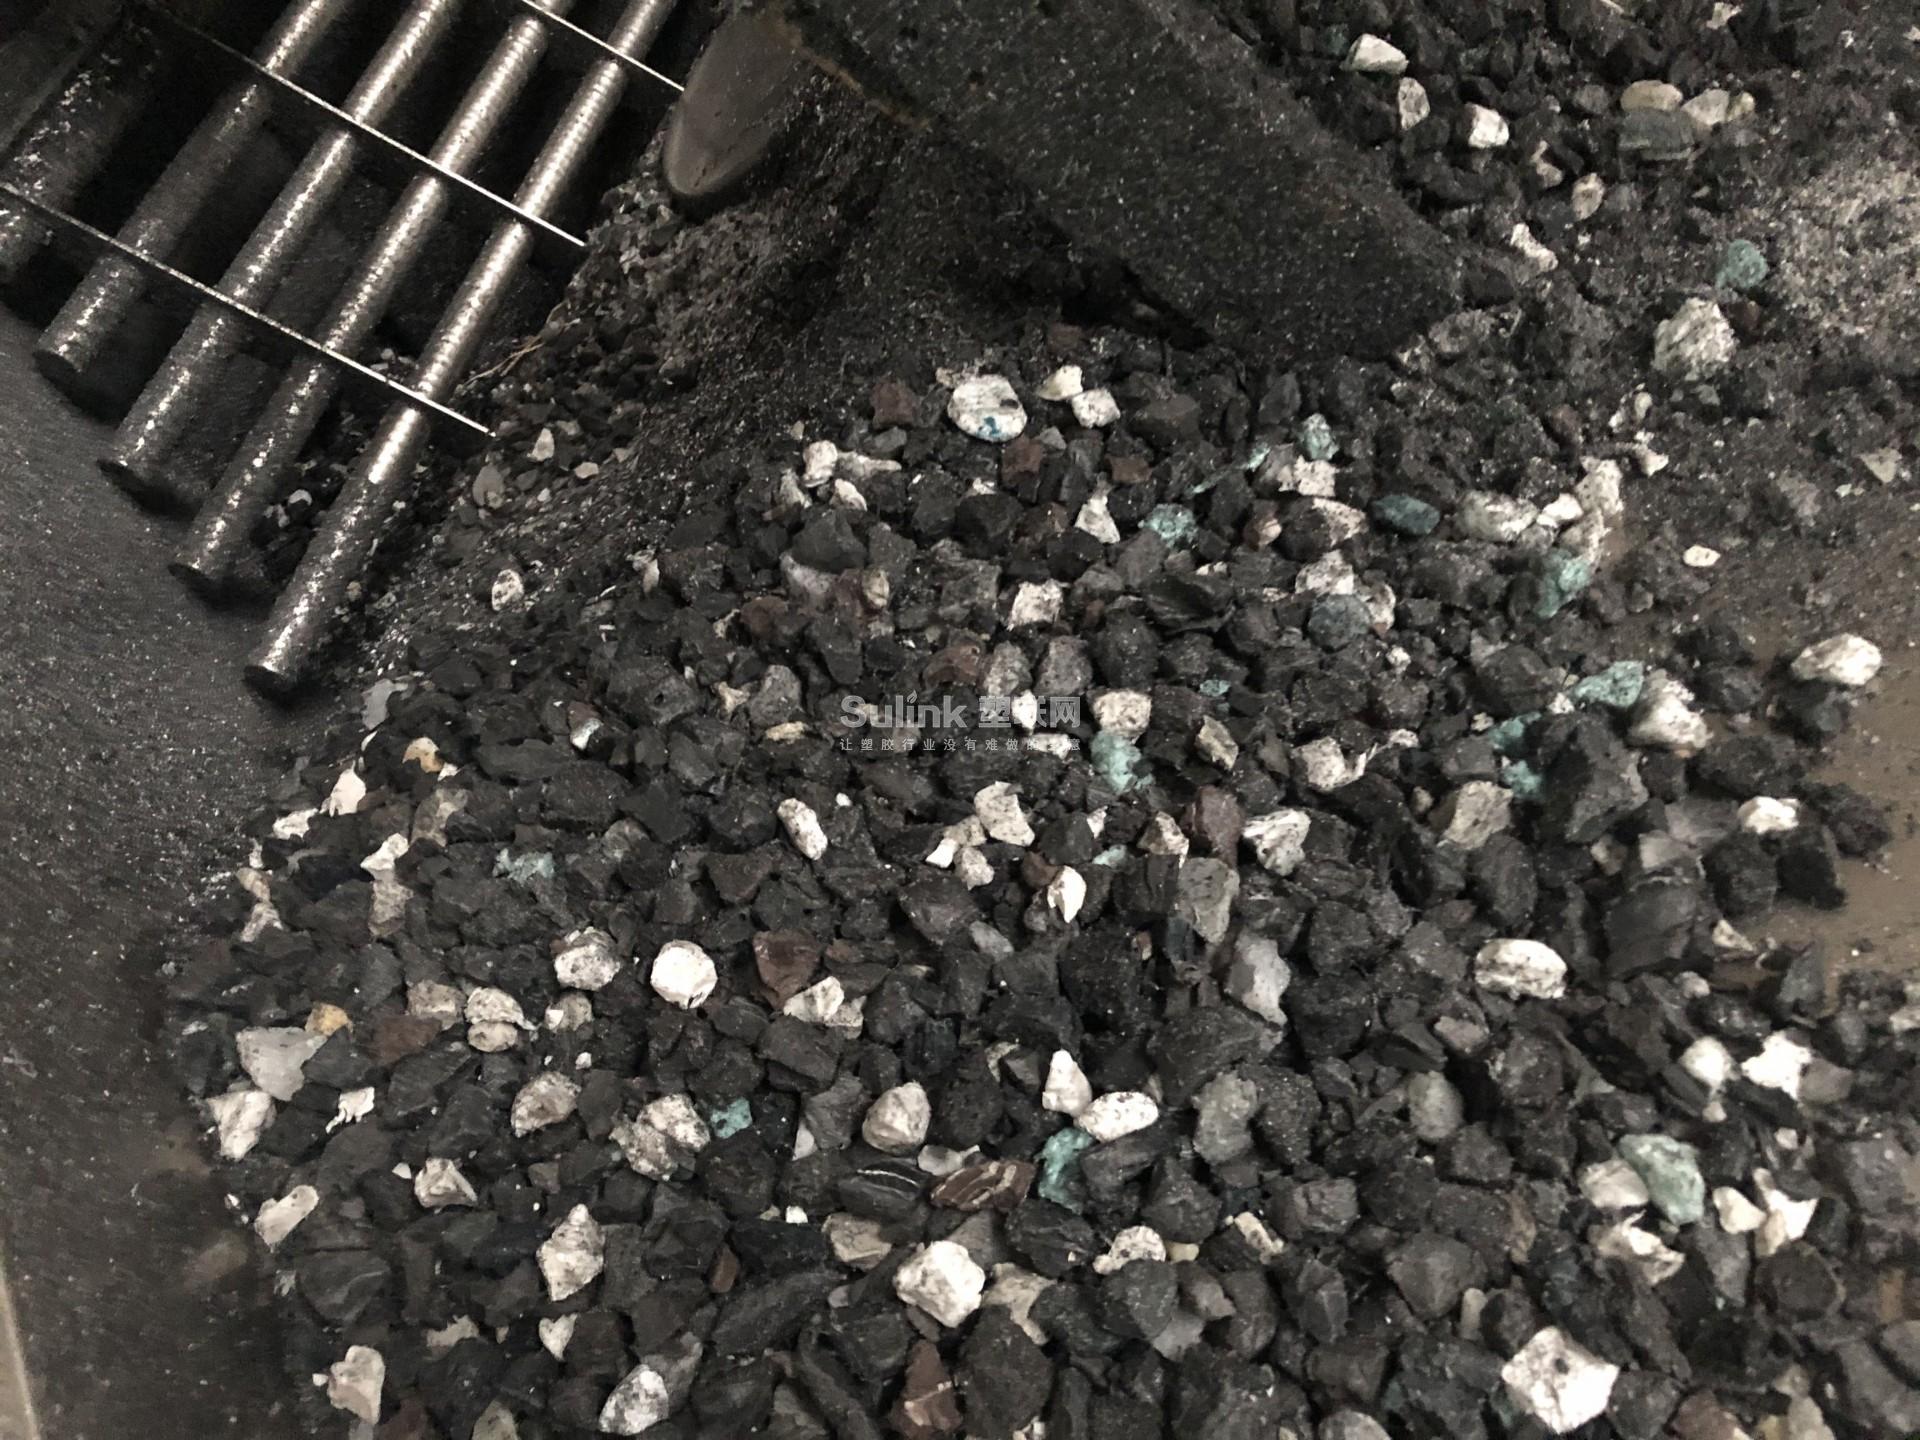 高熔高冲pp 一次性水口- 塑联网 - 塑料联网信息服务平台